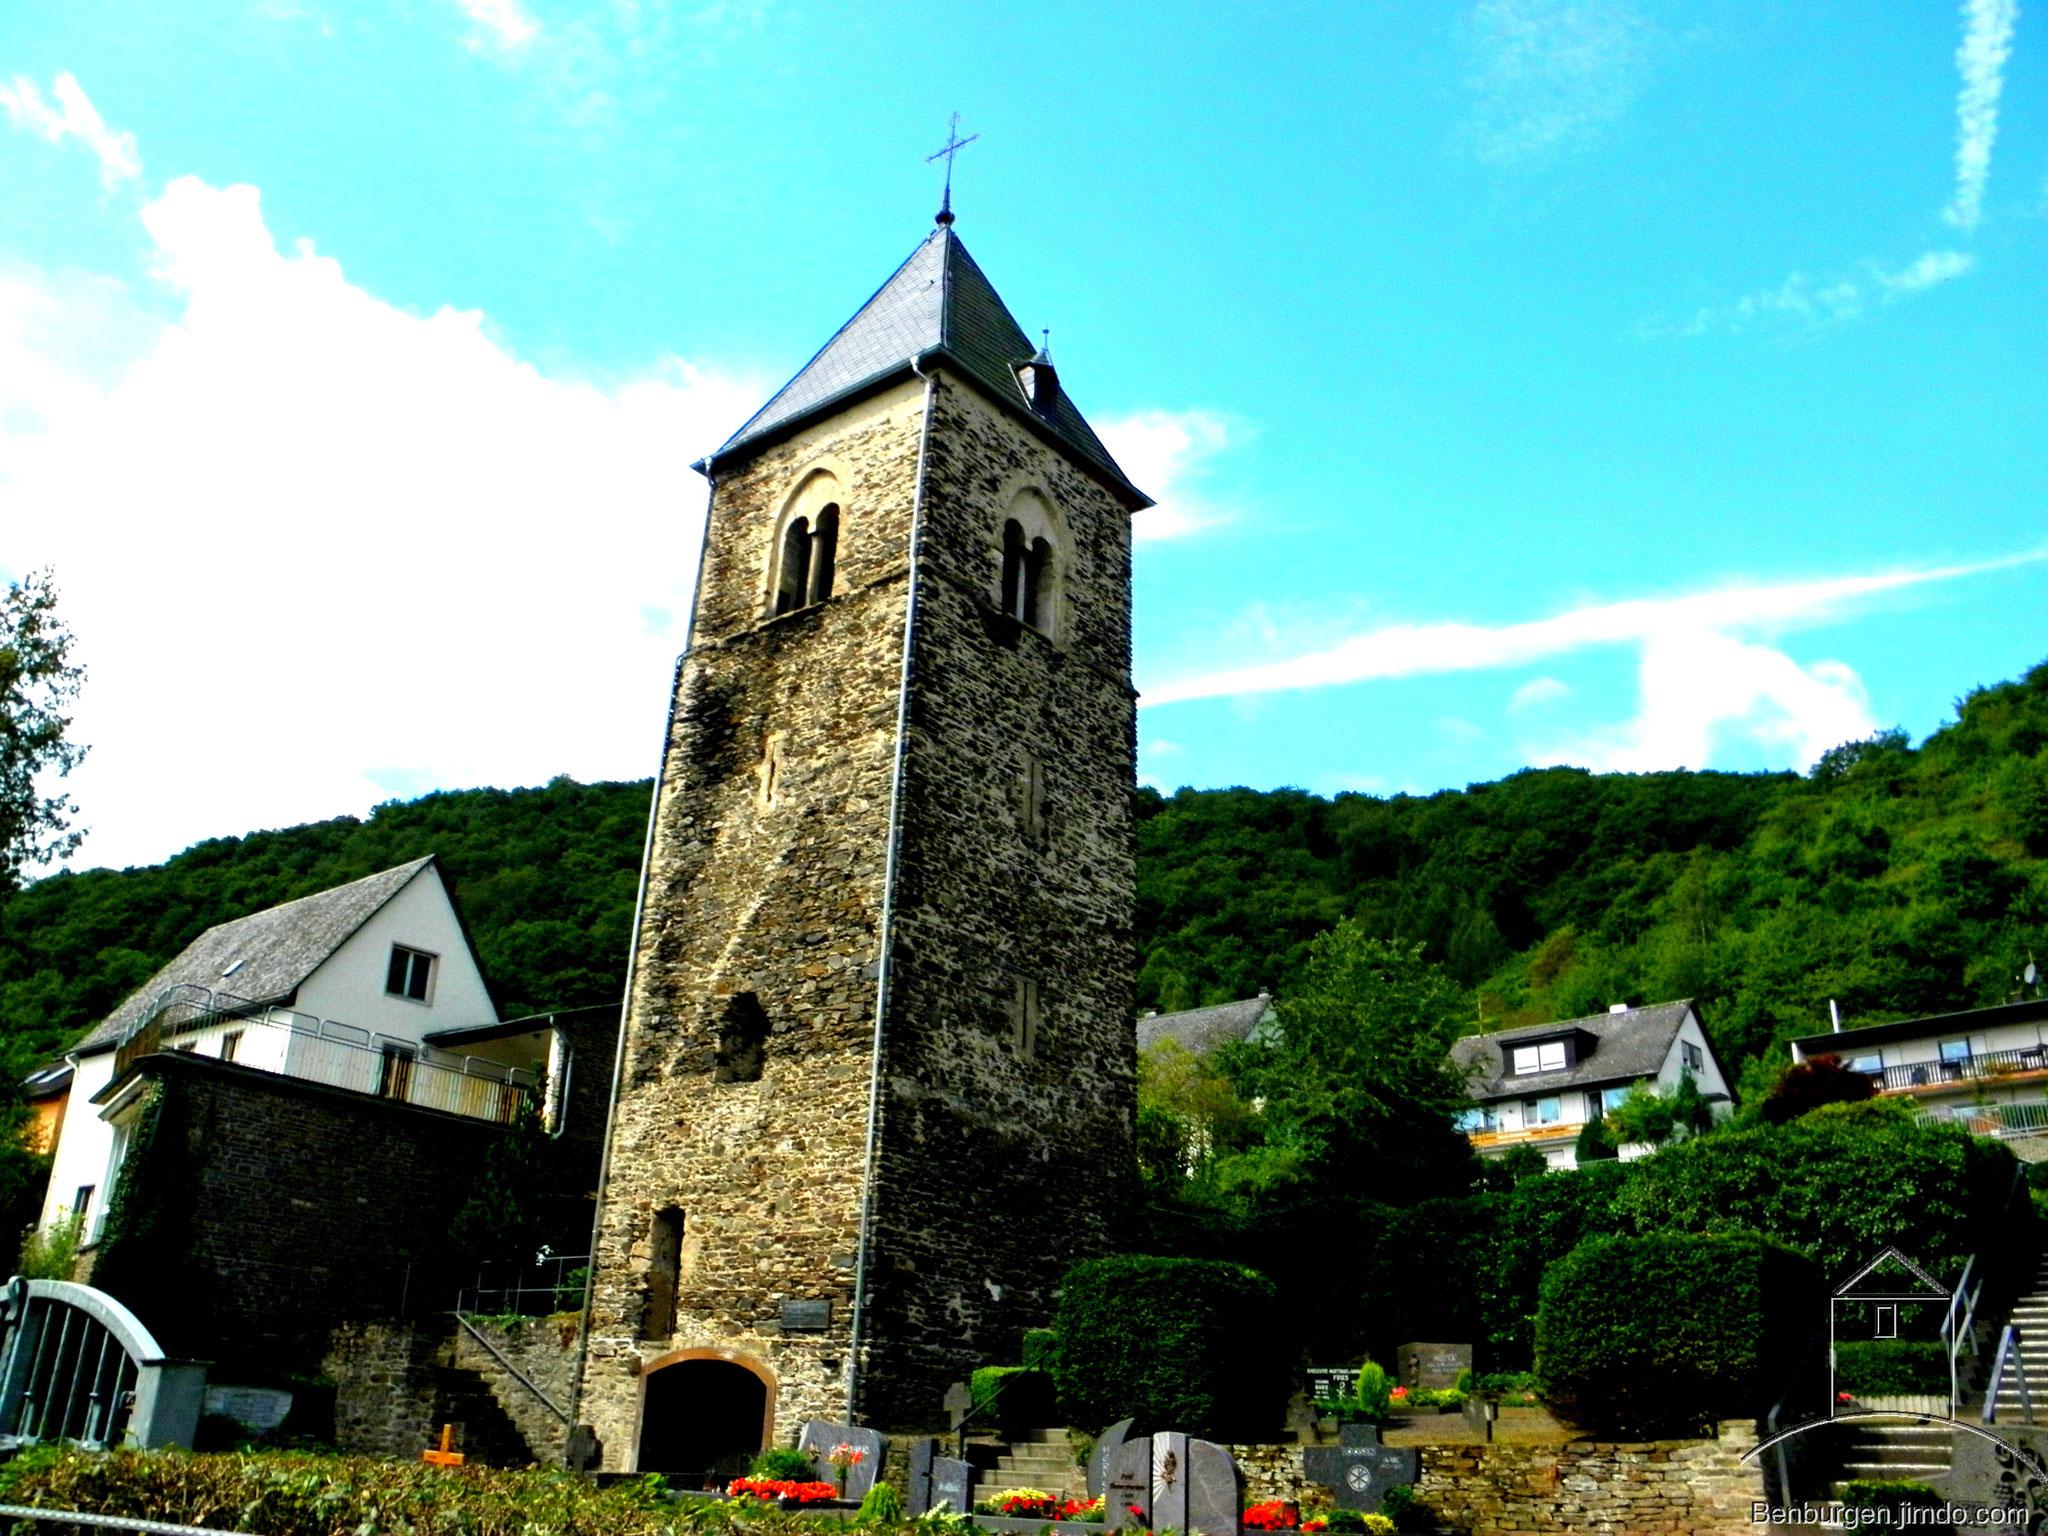 Ehemalige Kirche im Ortsteil Karden.